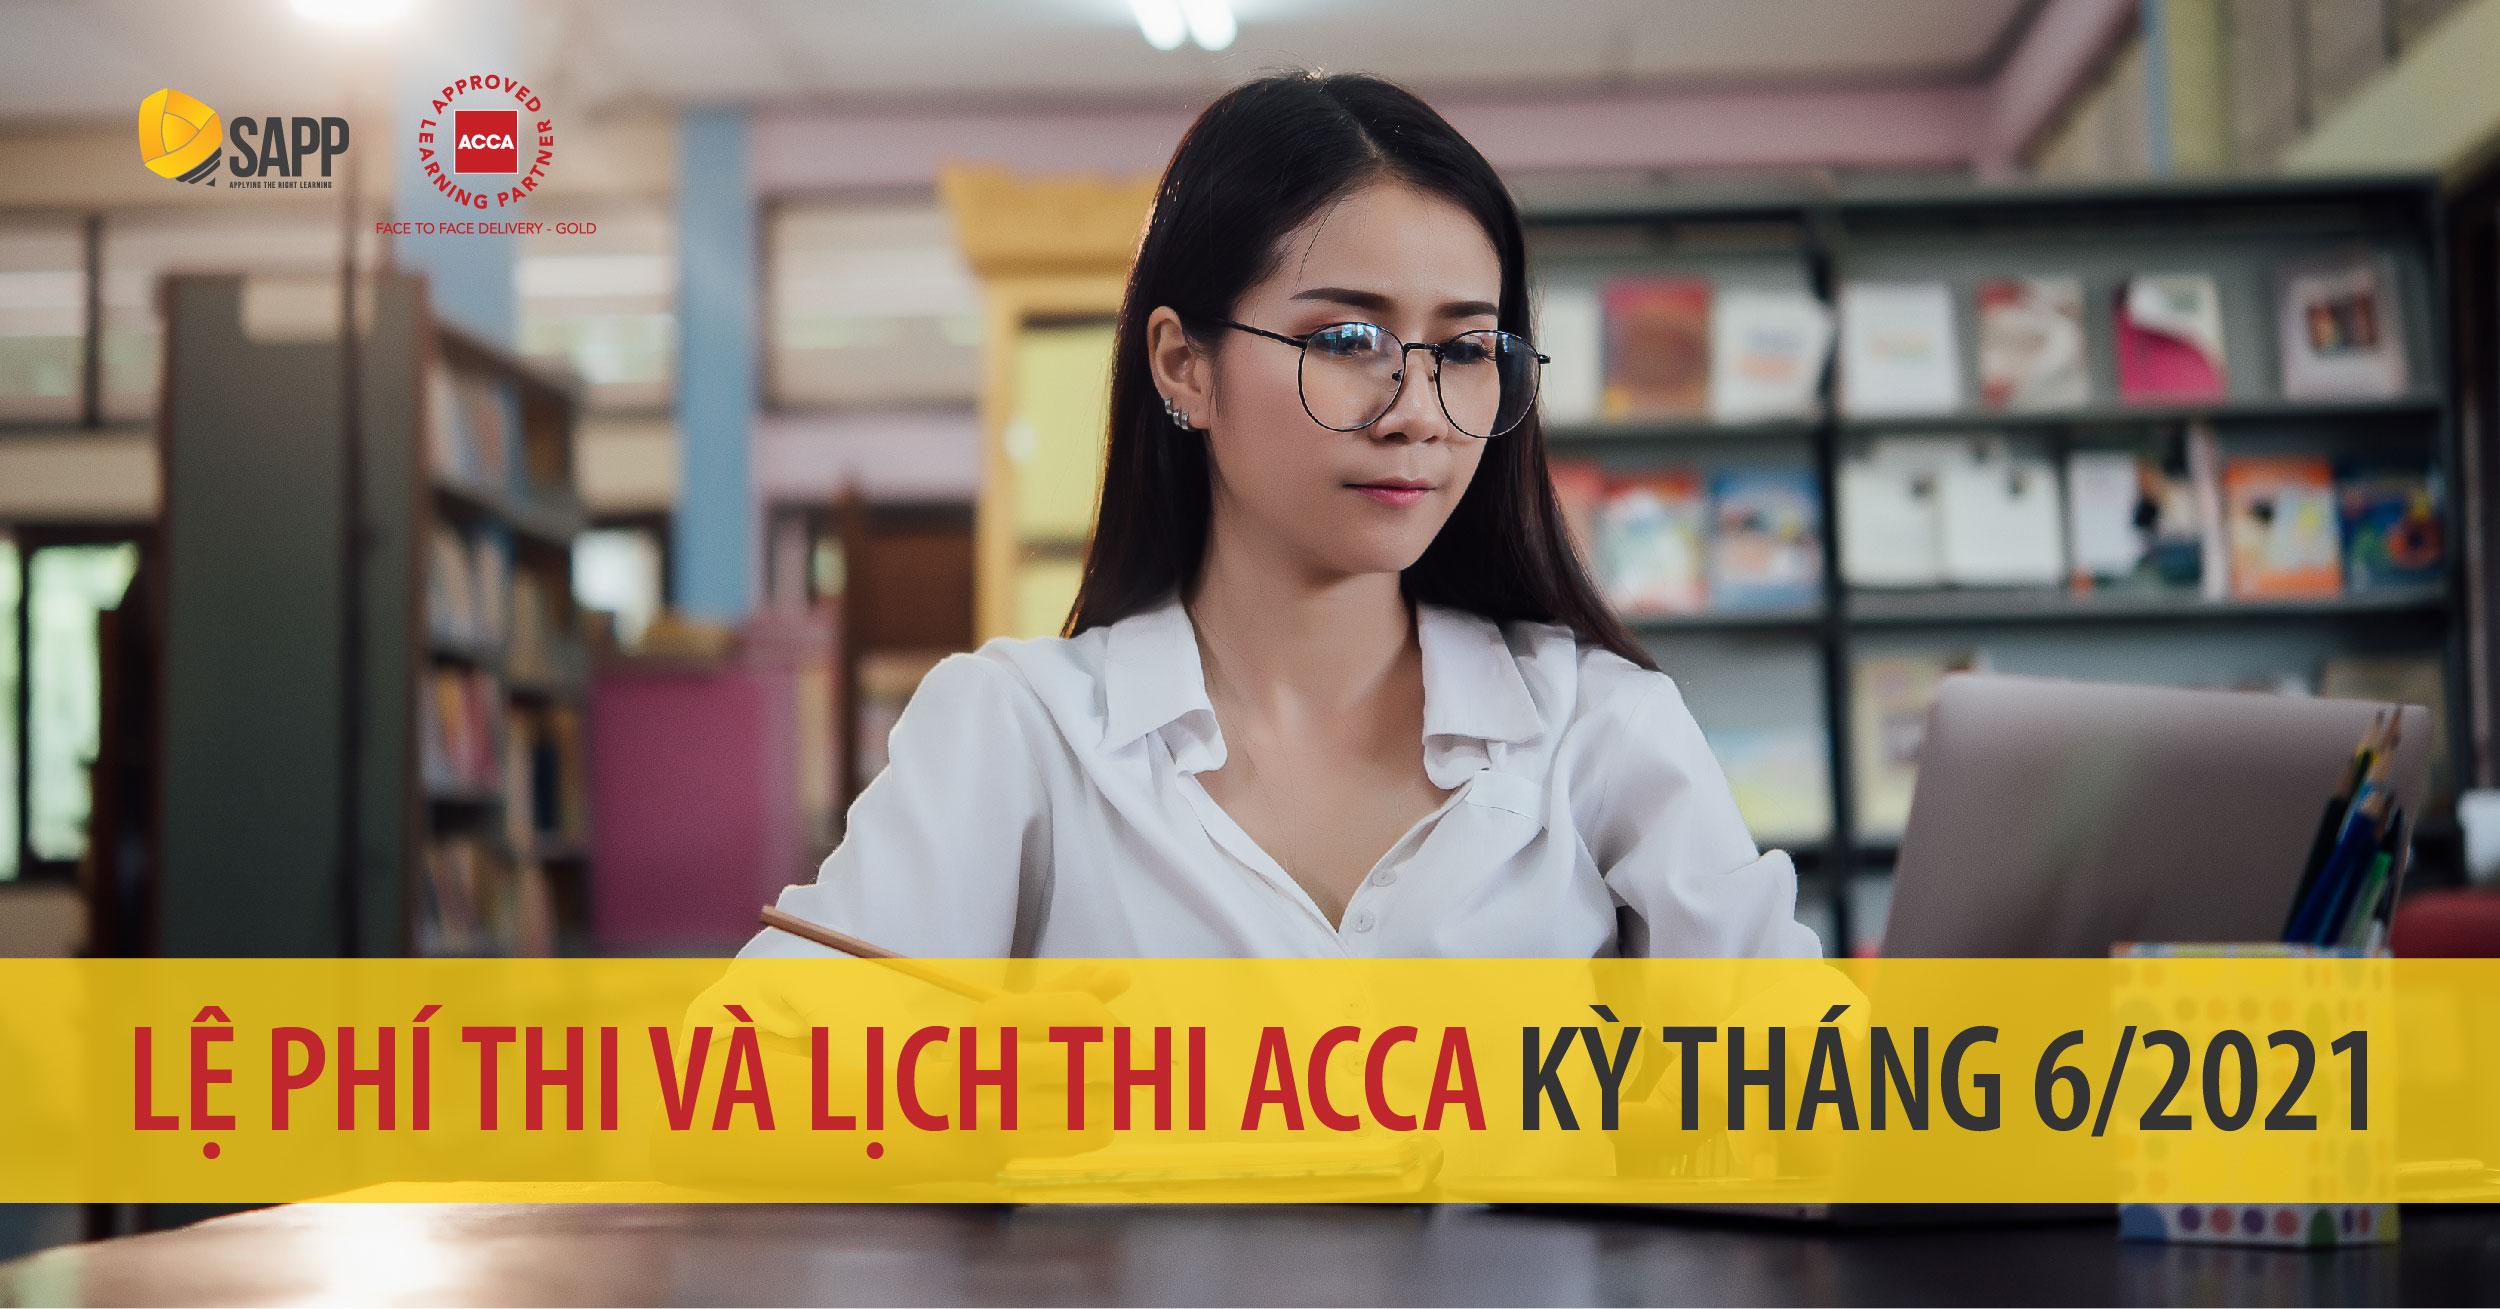 Lệ phí thi và lịch thi ACCA kỳ tháng 6 năm 2021 [Mới nhất]